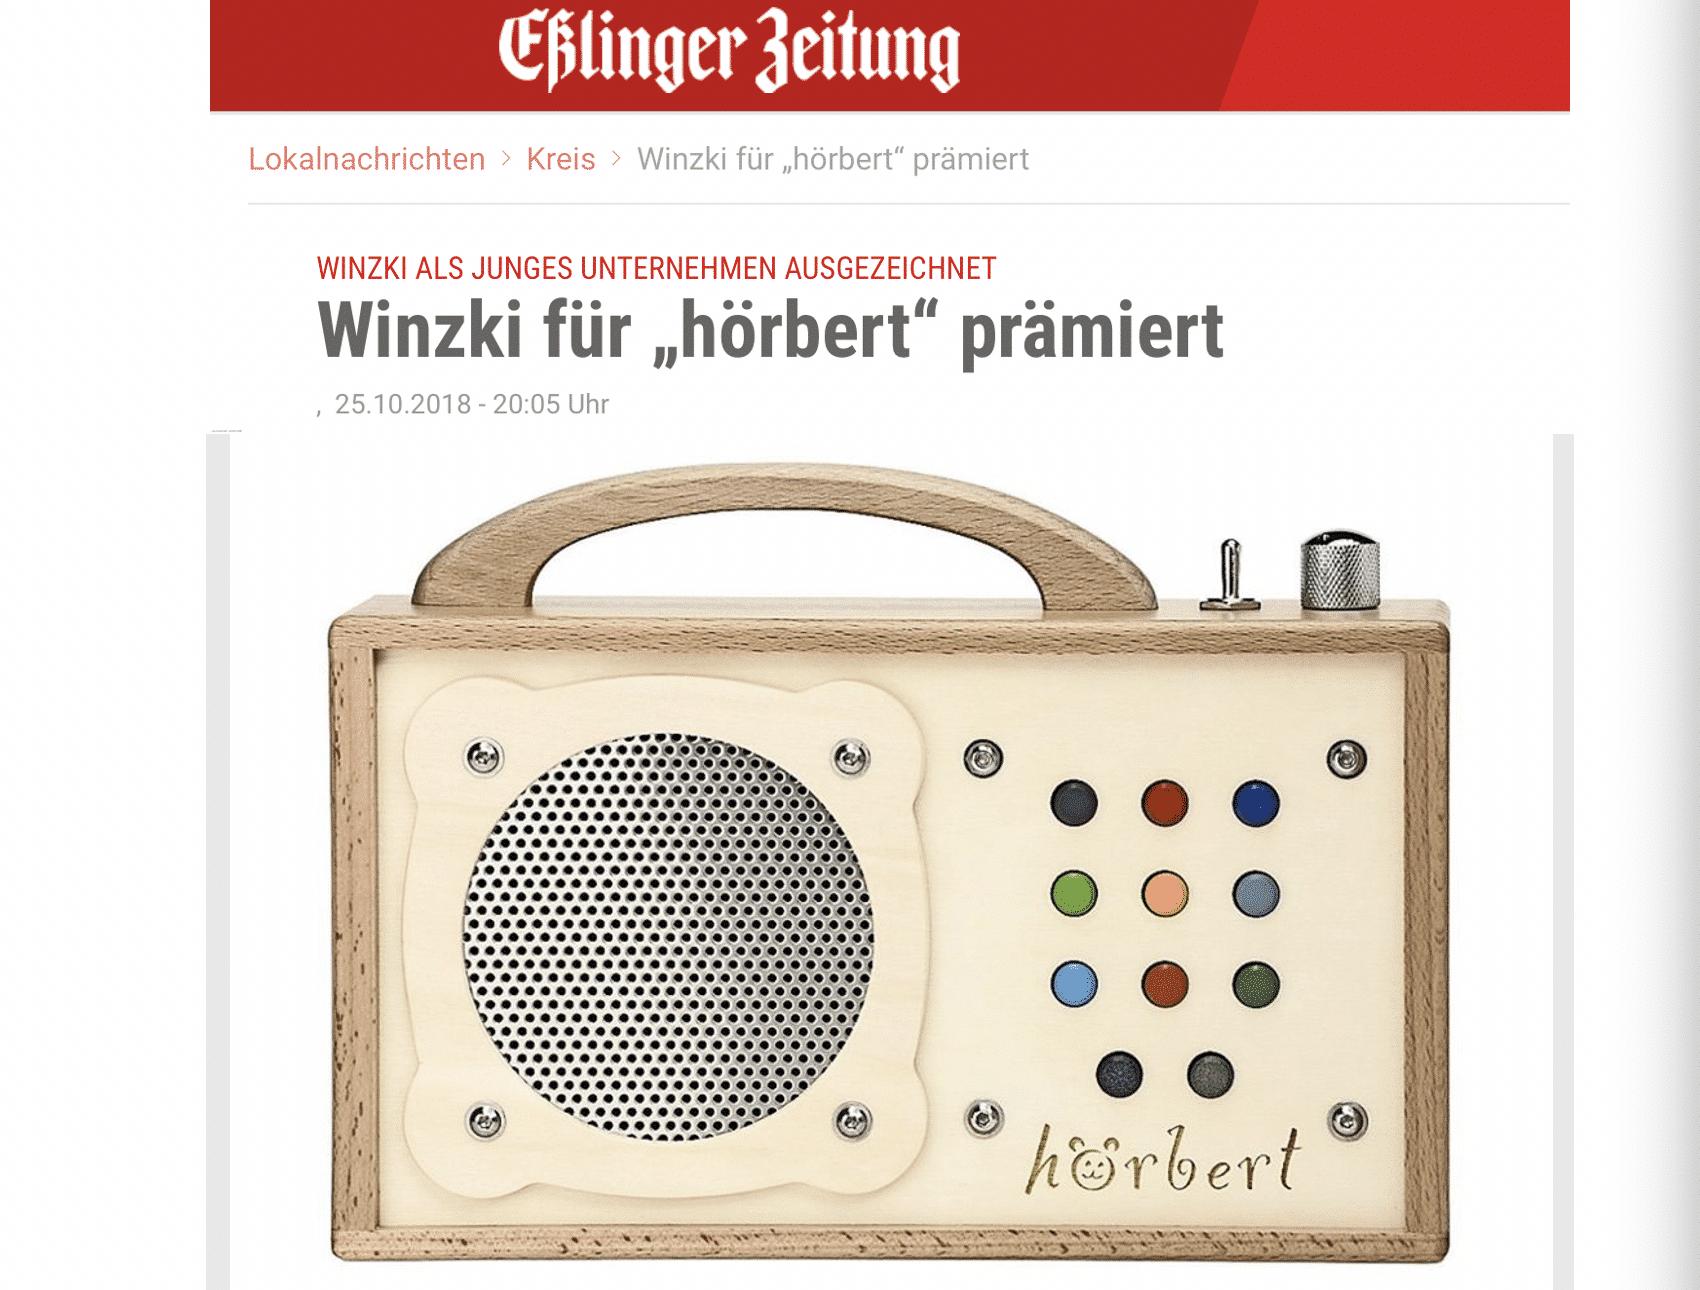 10/2018 - Esslinger Zeitung_Winzki als JUNGES UNTERNEHMEN beim L-Bank Wettbewerb ausgezeichnet